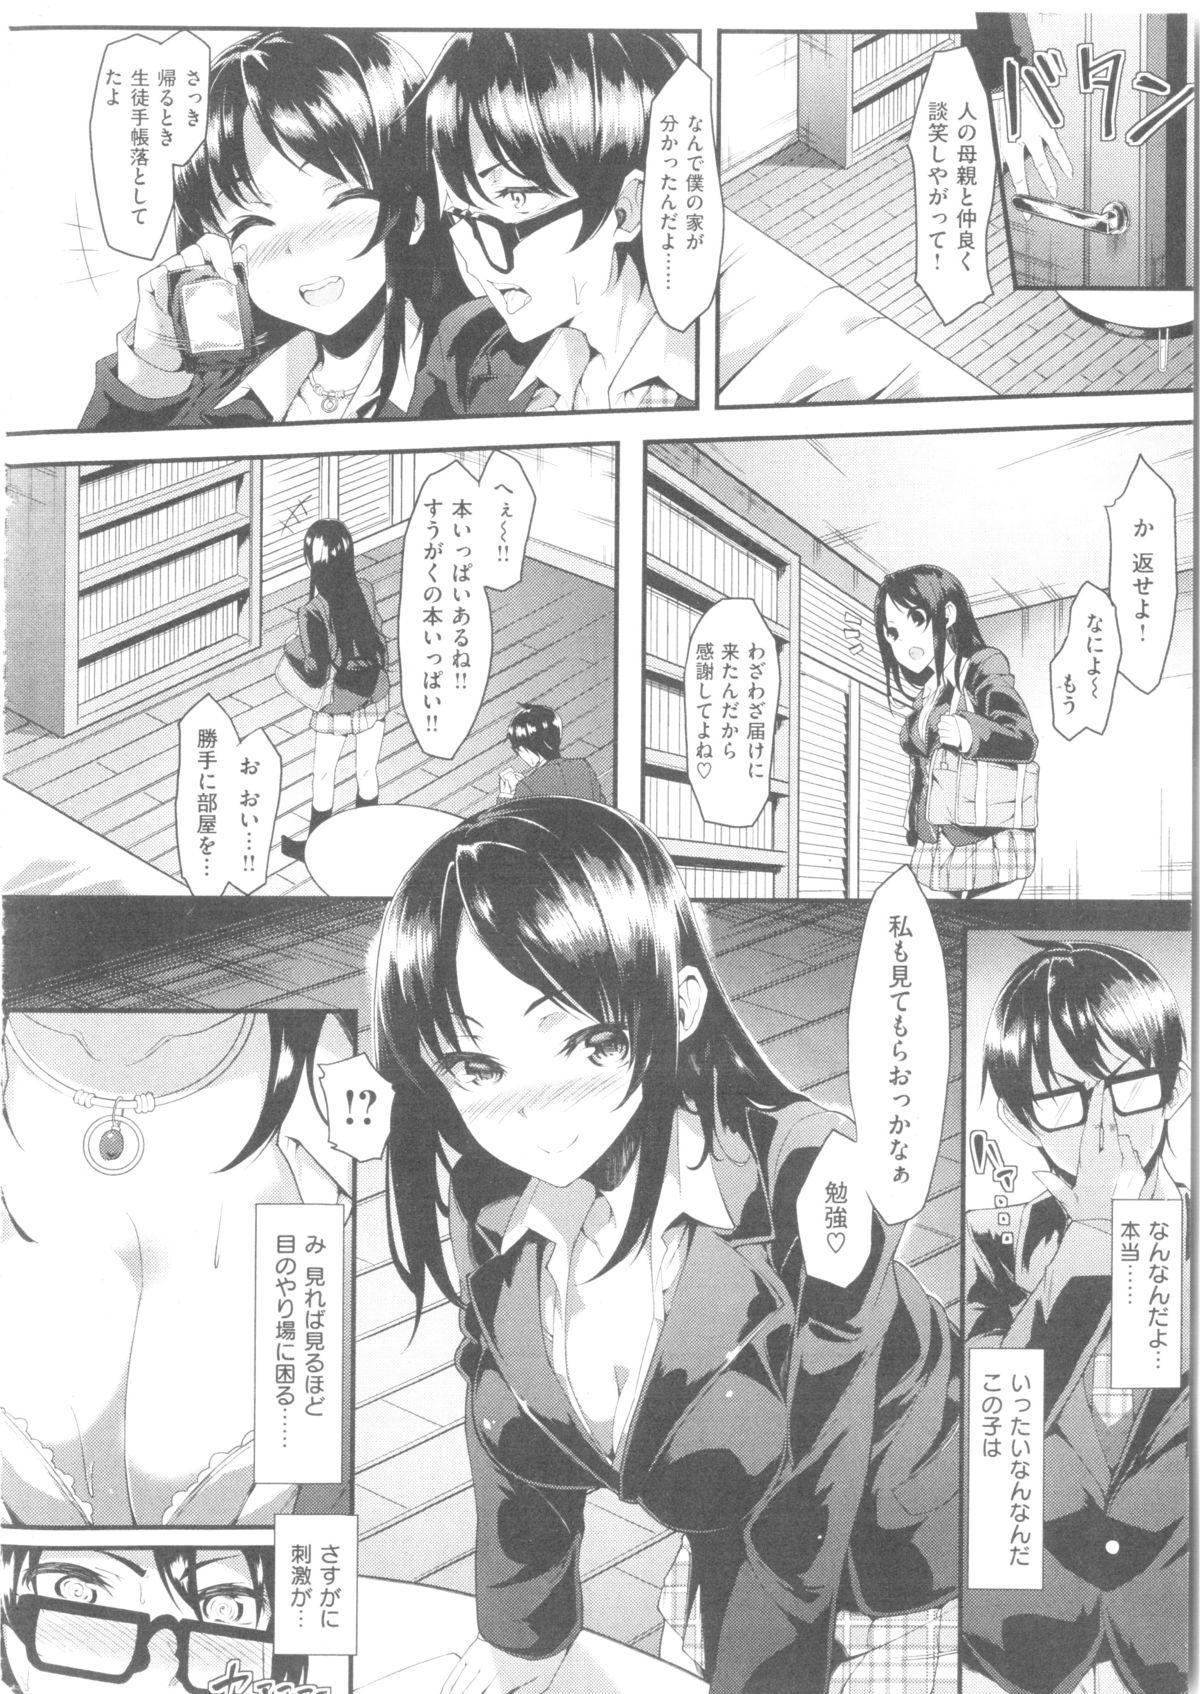 COMIC Kairakuten BEAST 2014-05 243